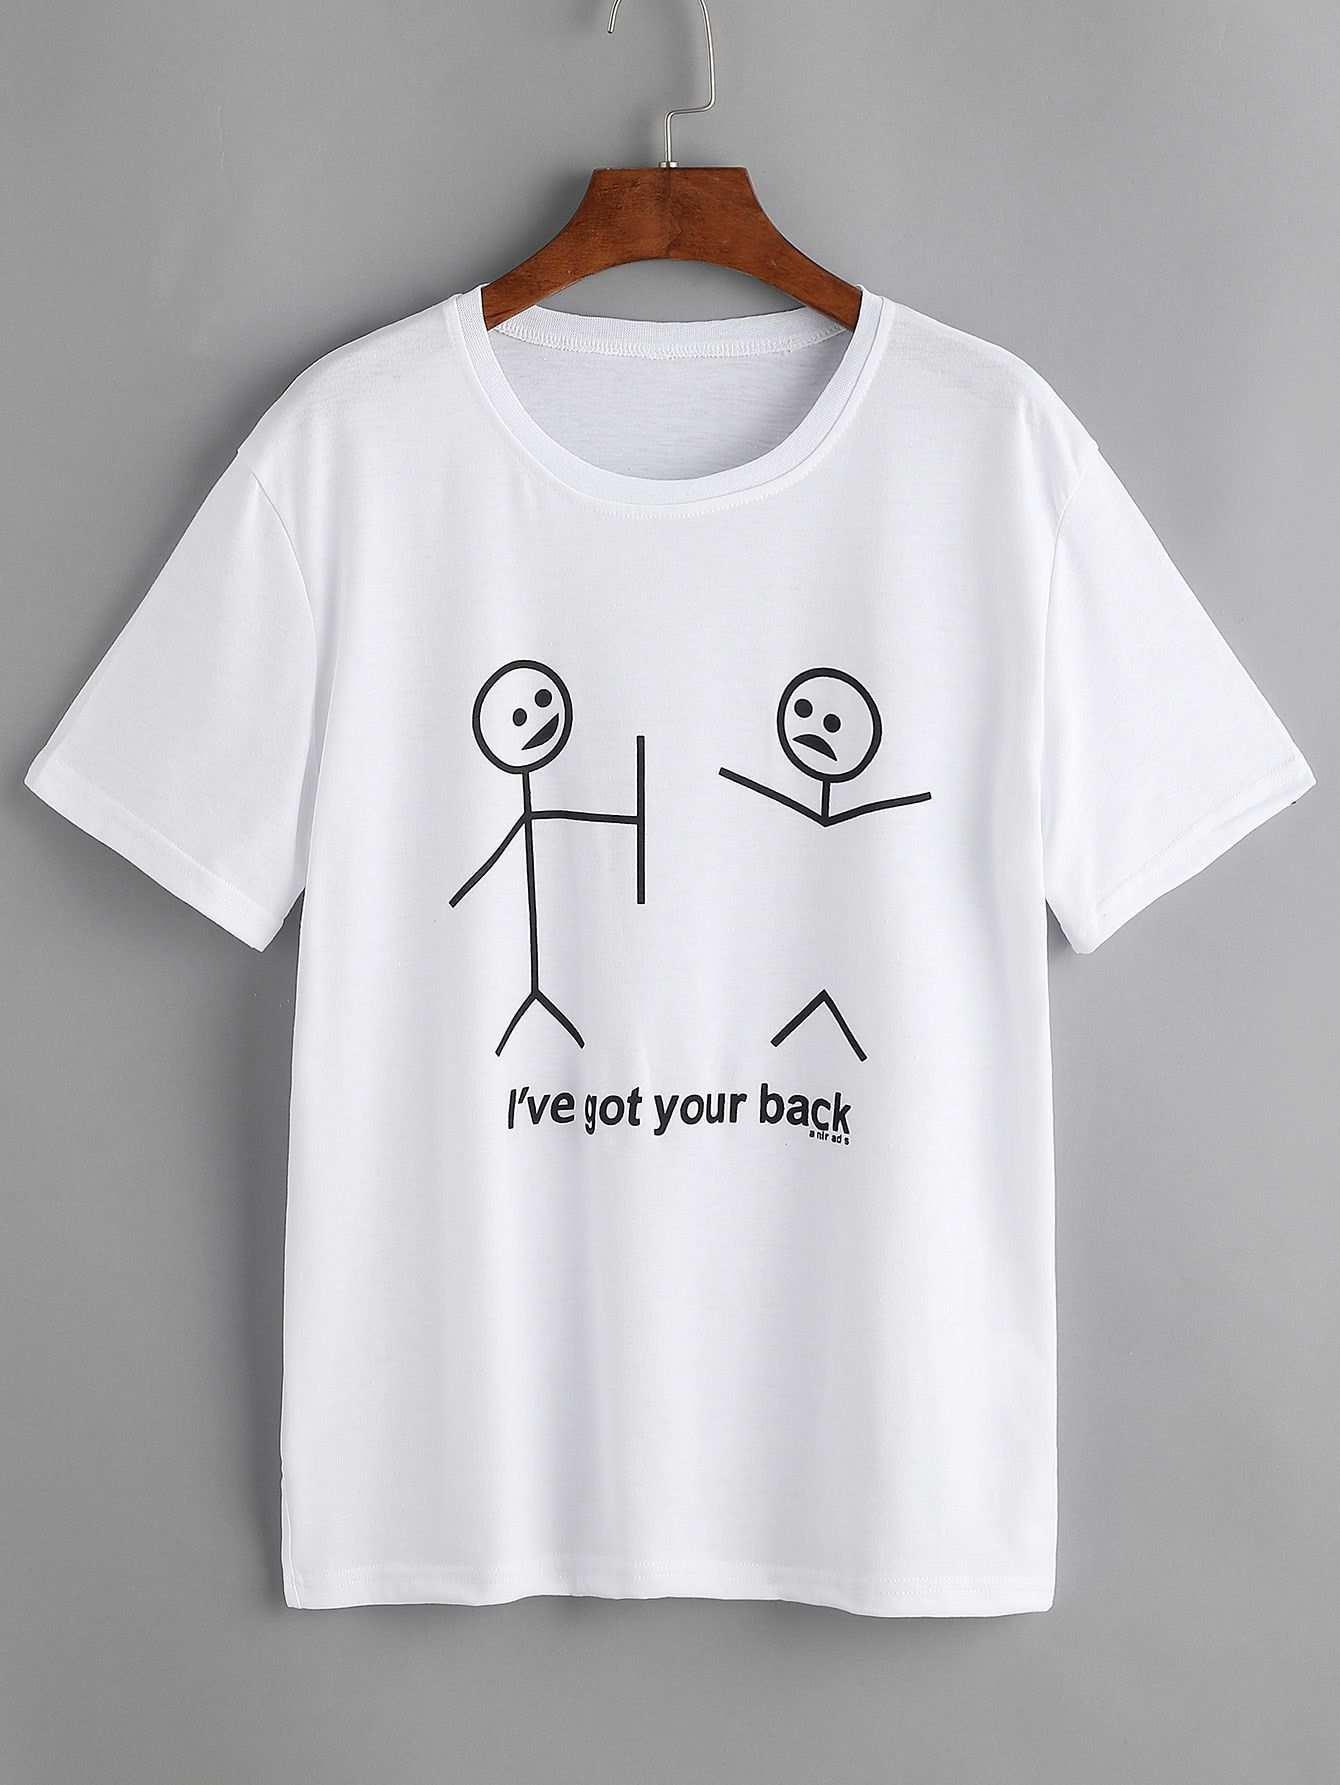 T Shirt Mit Zeichnung Und Beschriftung Muster German Shein Sheinside Graphicprints T Shirt Mit Zeichnung Und Besc Printed Tees Graphic Shirts Printed Shirts